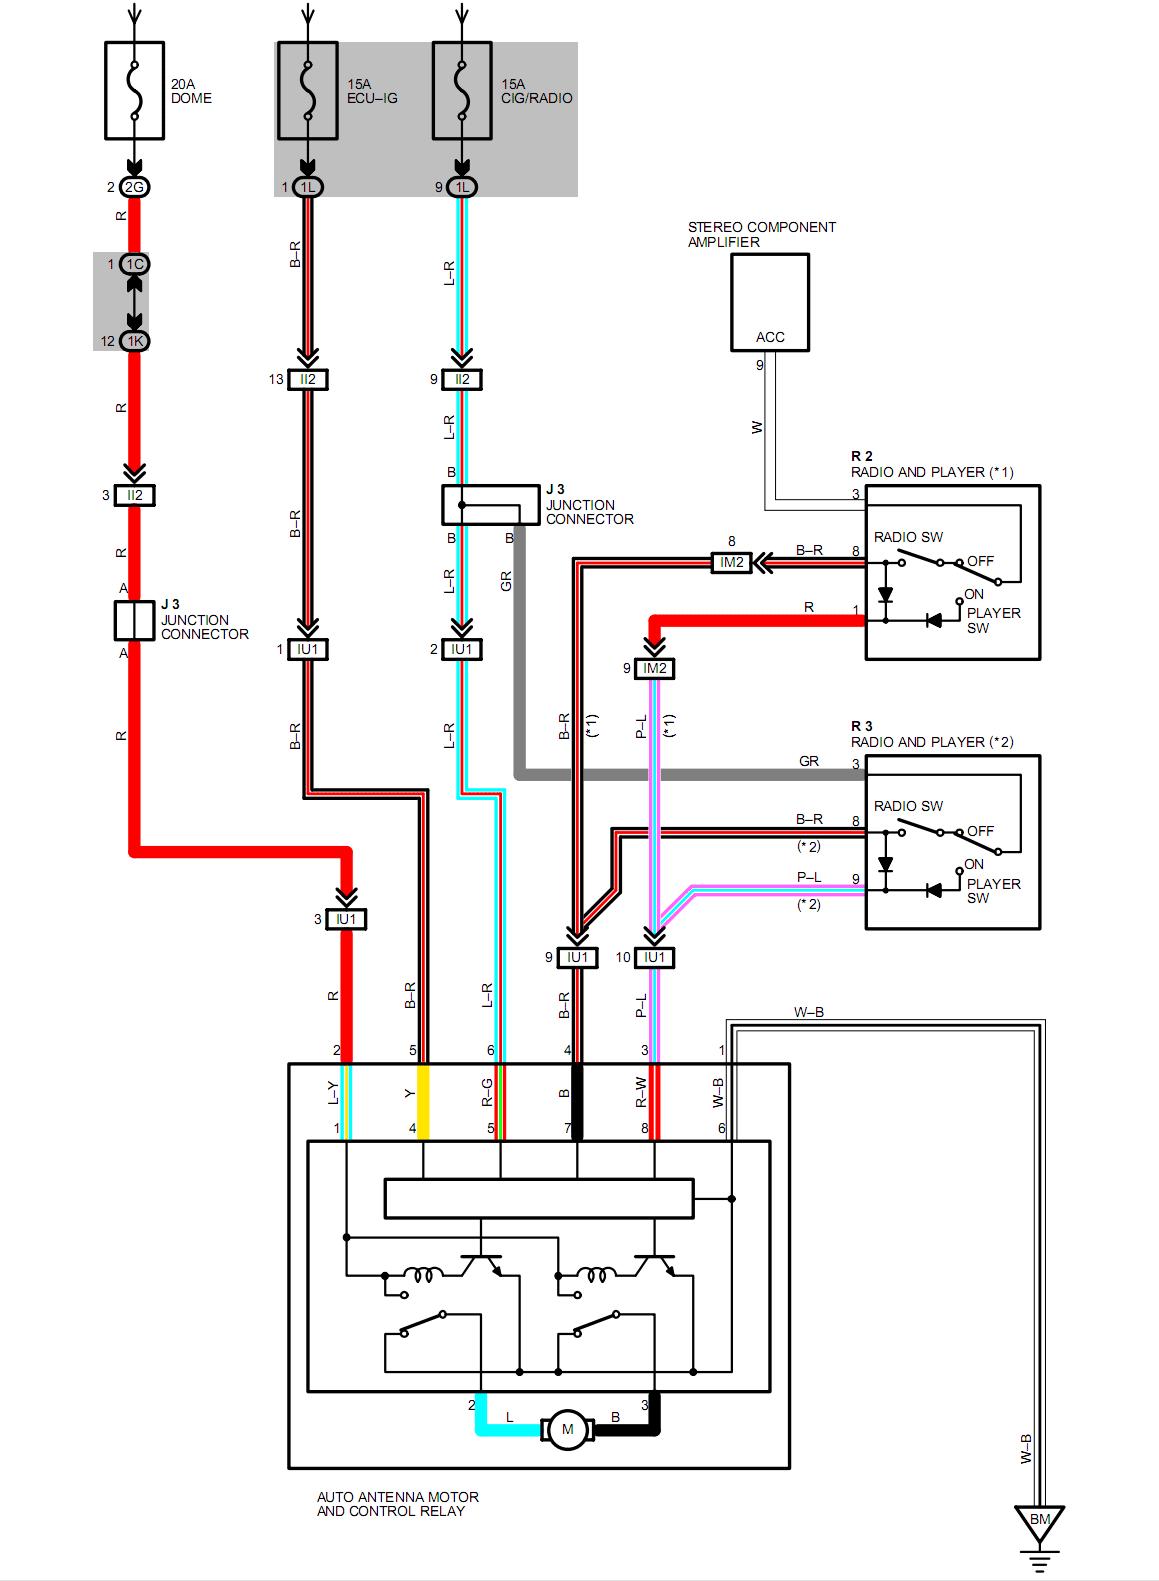 Wondrous Wiring Diagram For Power Antenna Basic Electronics Wiring Diagram Wiring Cloud Rineaidewilluminateatxorg